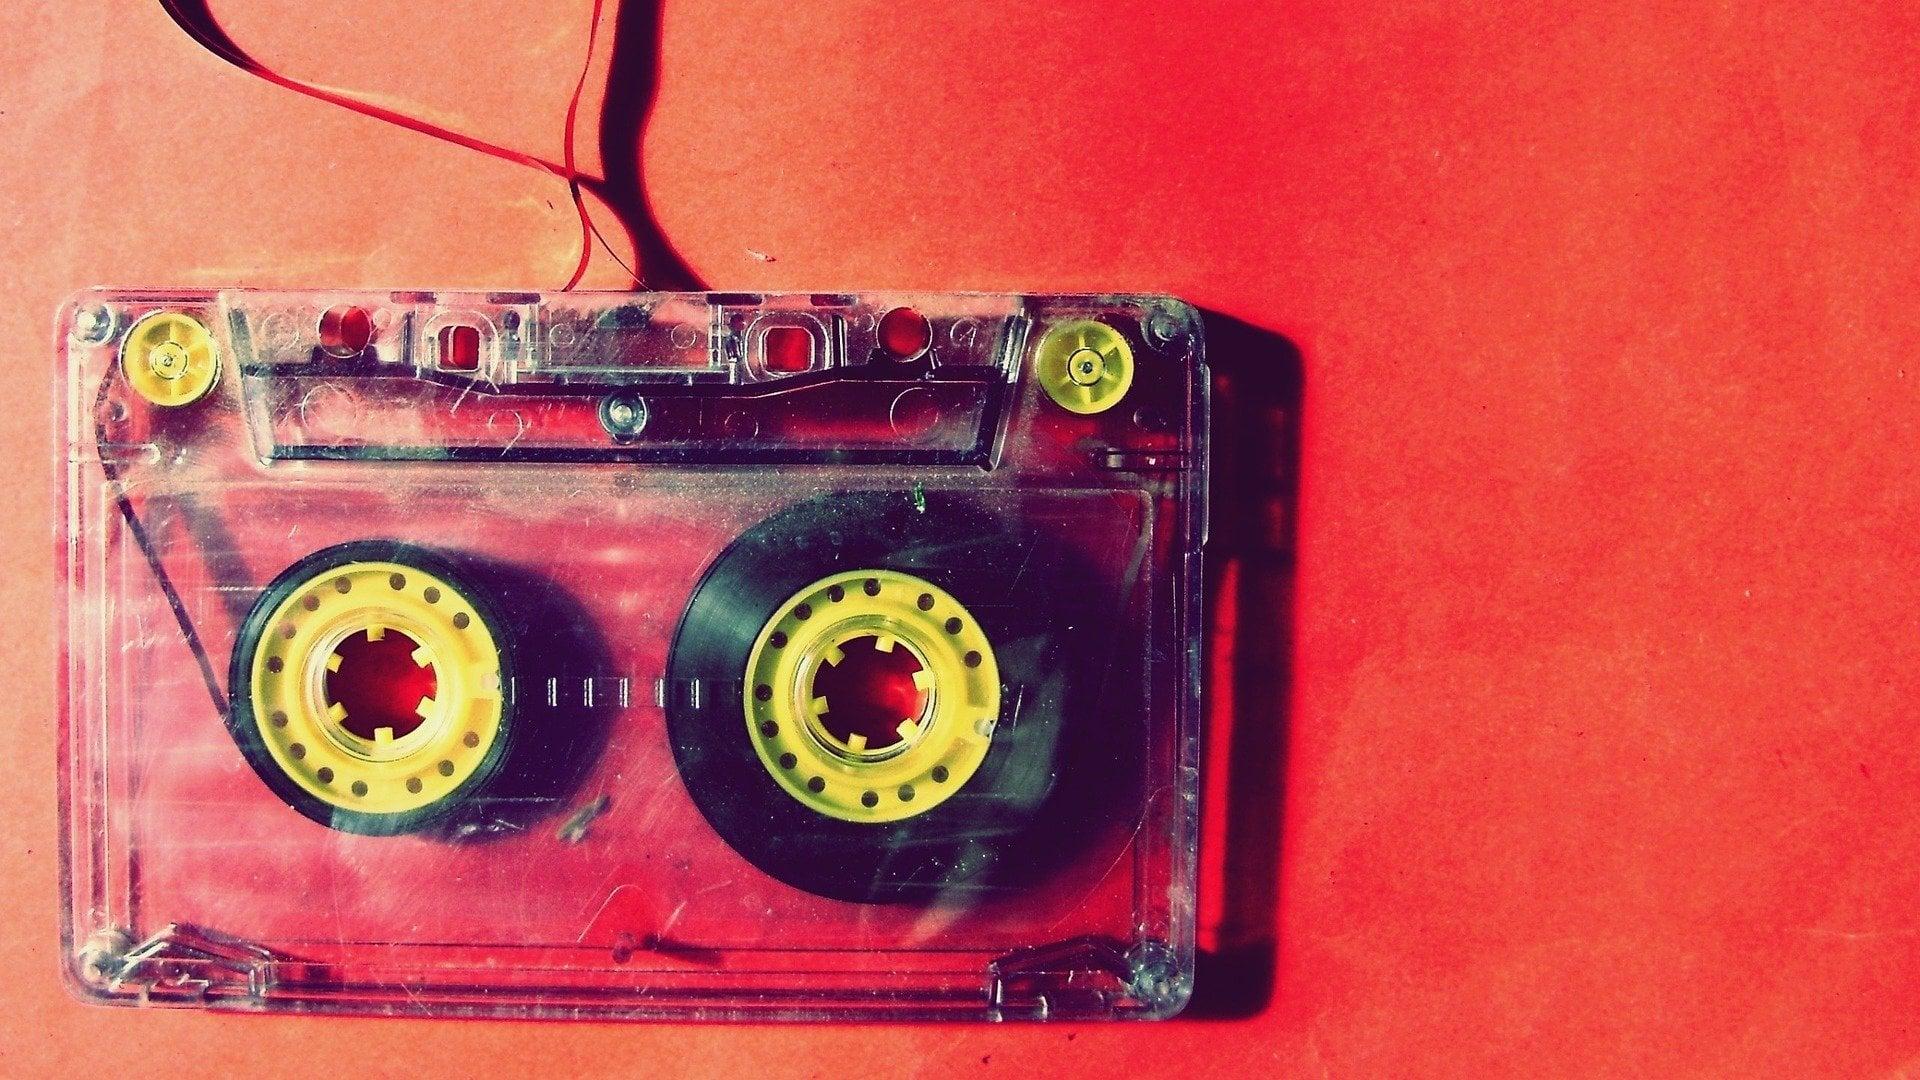 Prawa pokrewne - czym jest fonogram? (na zdjęciu: kaseta muzyczna)